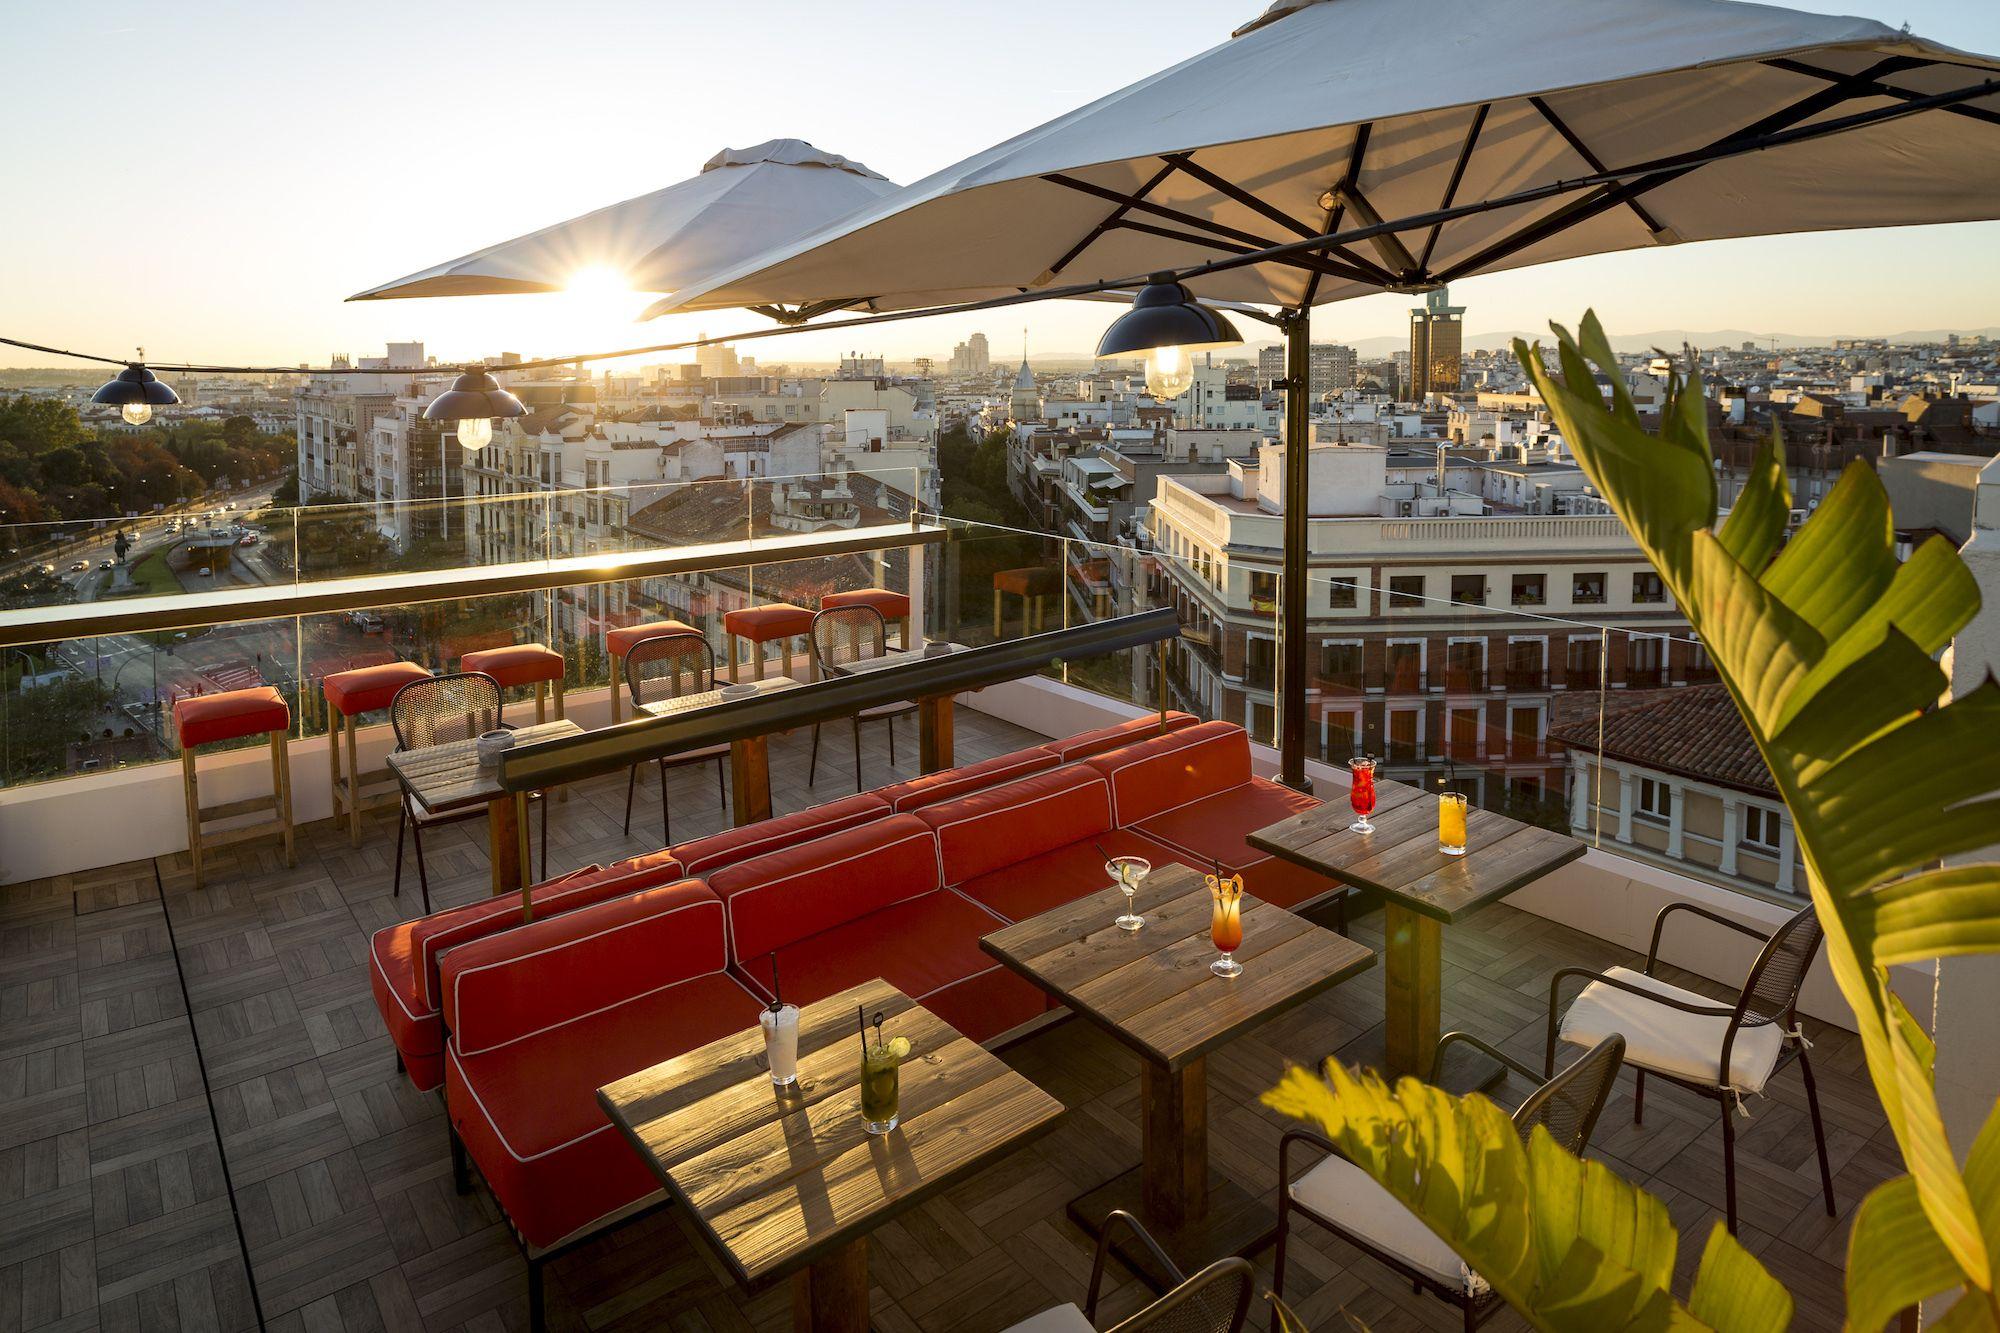 Los Bares Y Restaurantes Que Ofrecen Las Mesas Con Mas Encanto De La Ciudad Patios Azoteas Y Jardines Para Tomar Alg Bar Terraza Bares Y Pubs Terrazas Madrid